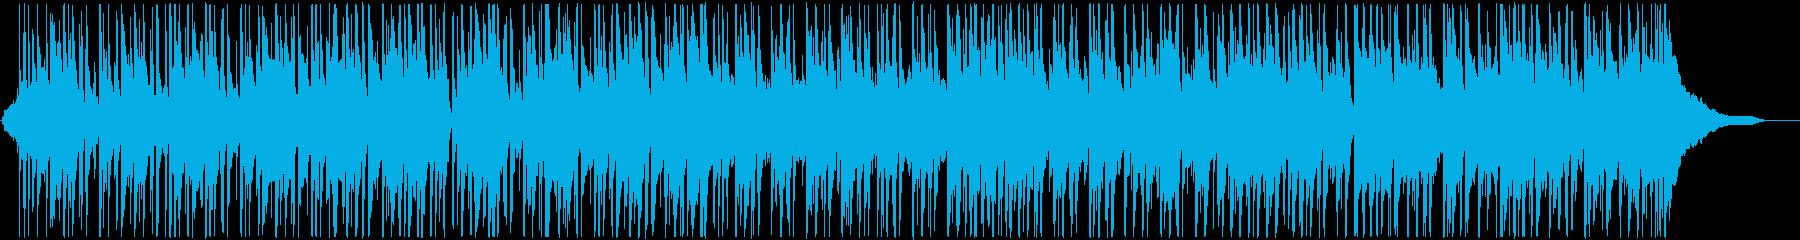 パーカッションの軽快なリズムが印象の楽曲の再生済みの波形